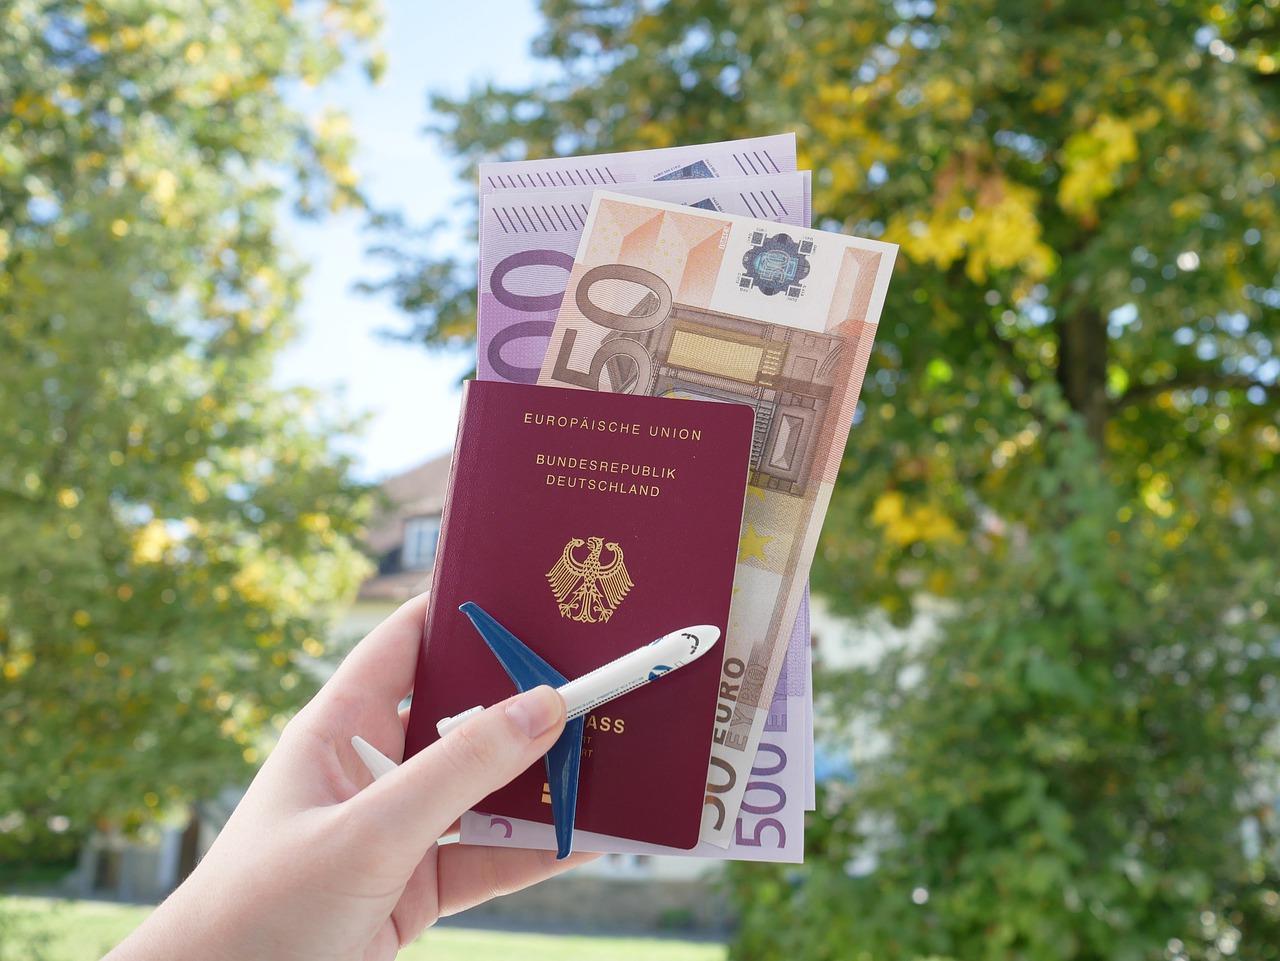 passport-4532483_1280